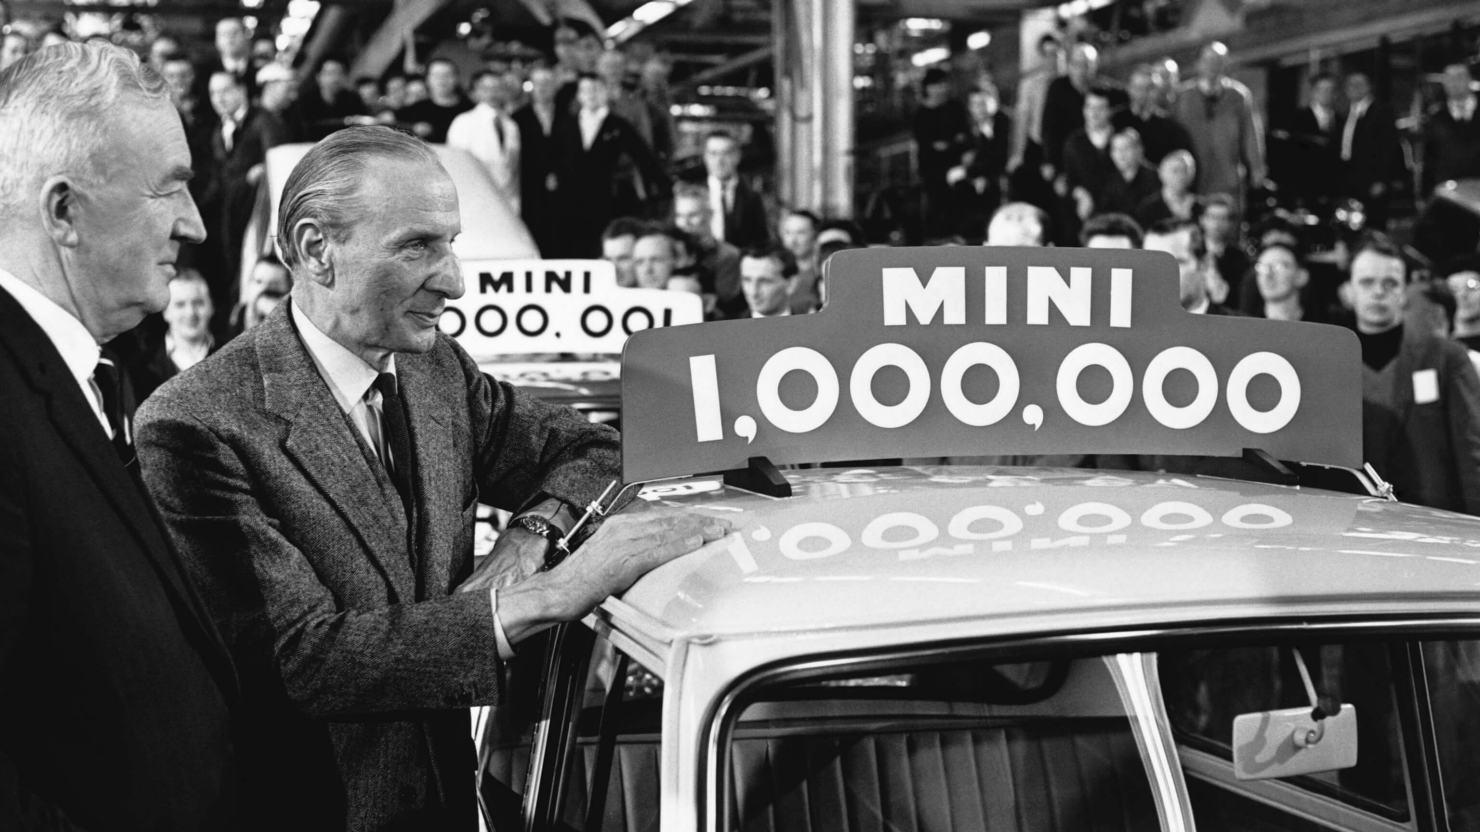 Ο Ισιγώνης σε εκδήλωση για την απήχηση των Morris Mini Minor